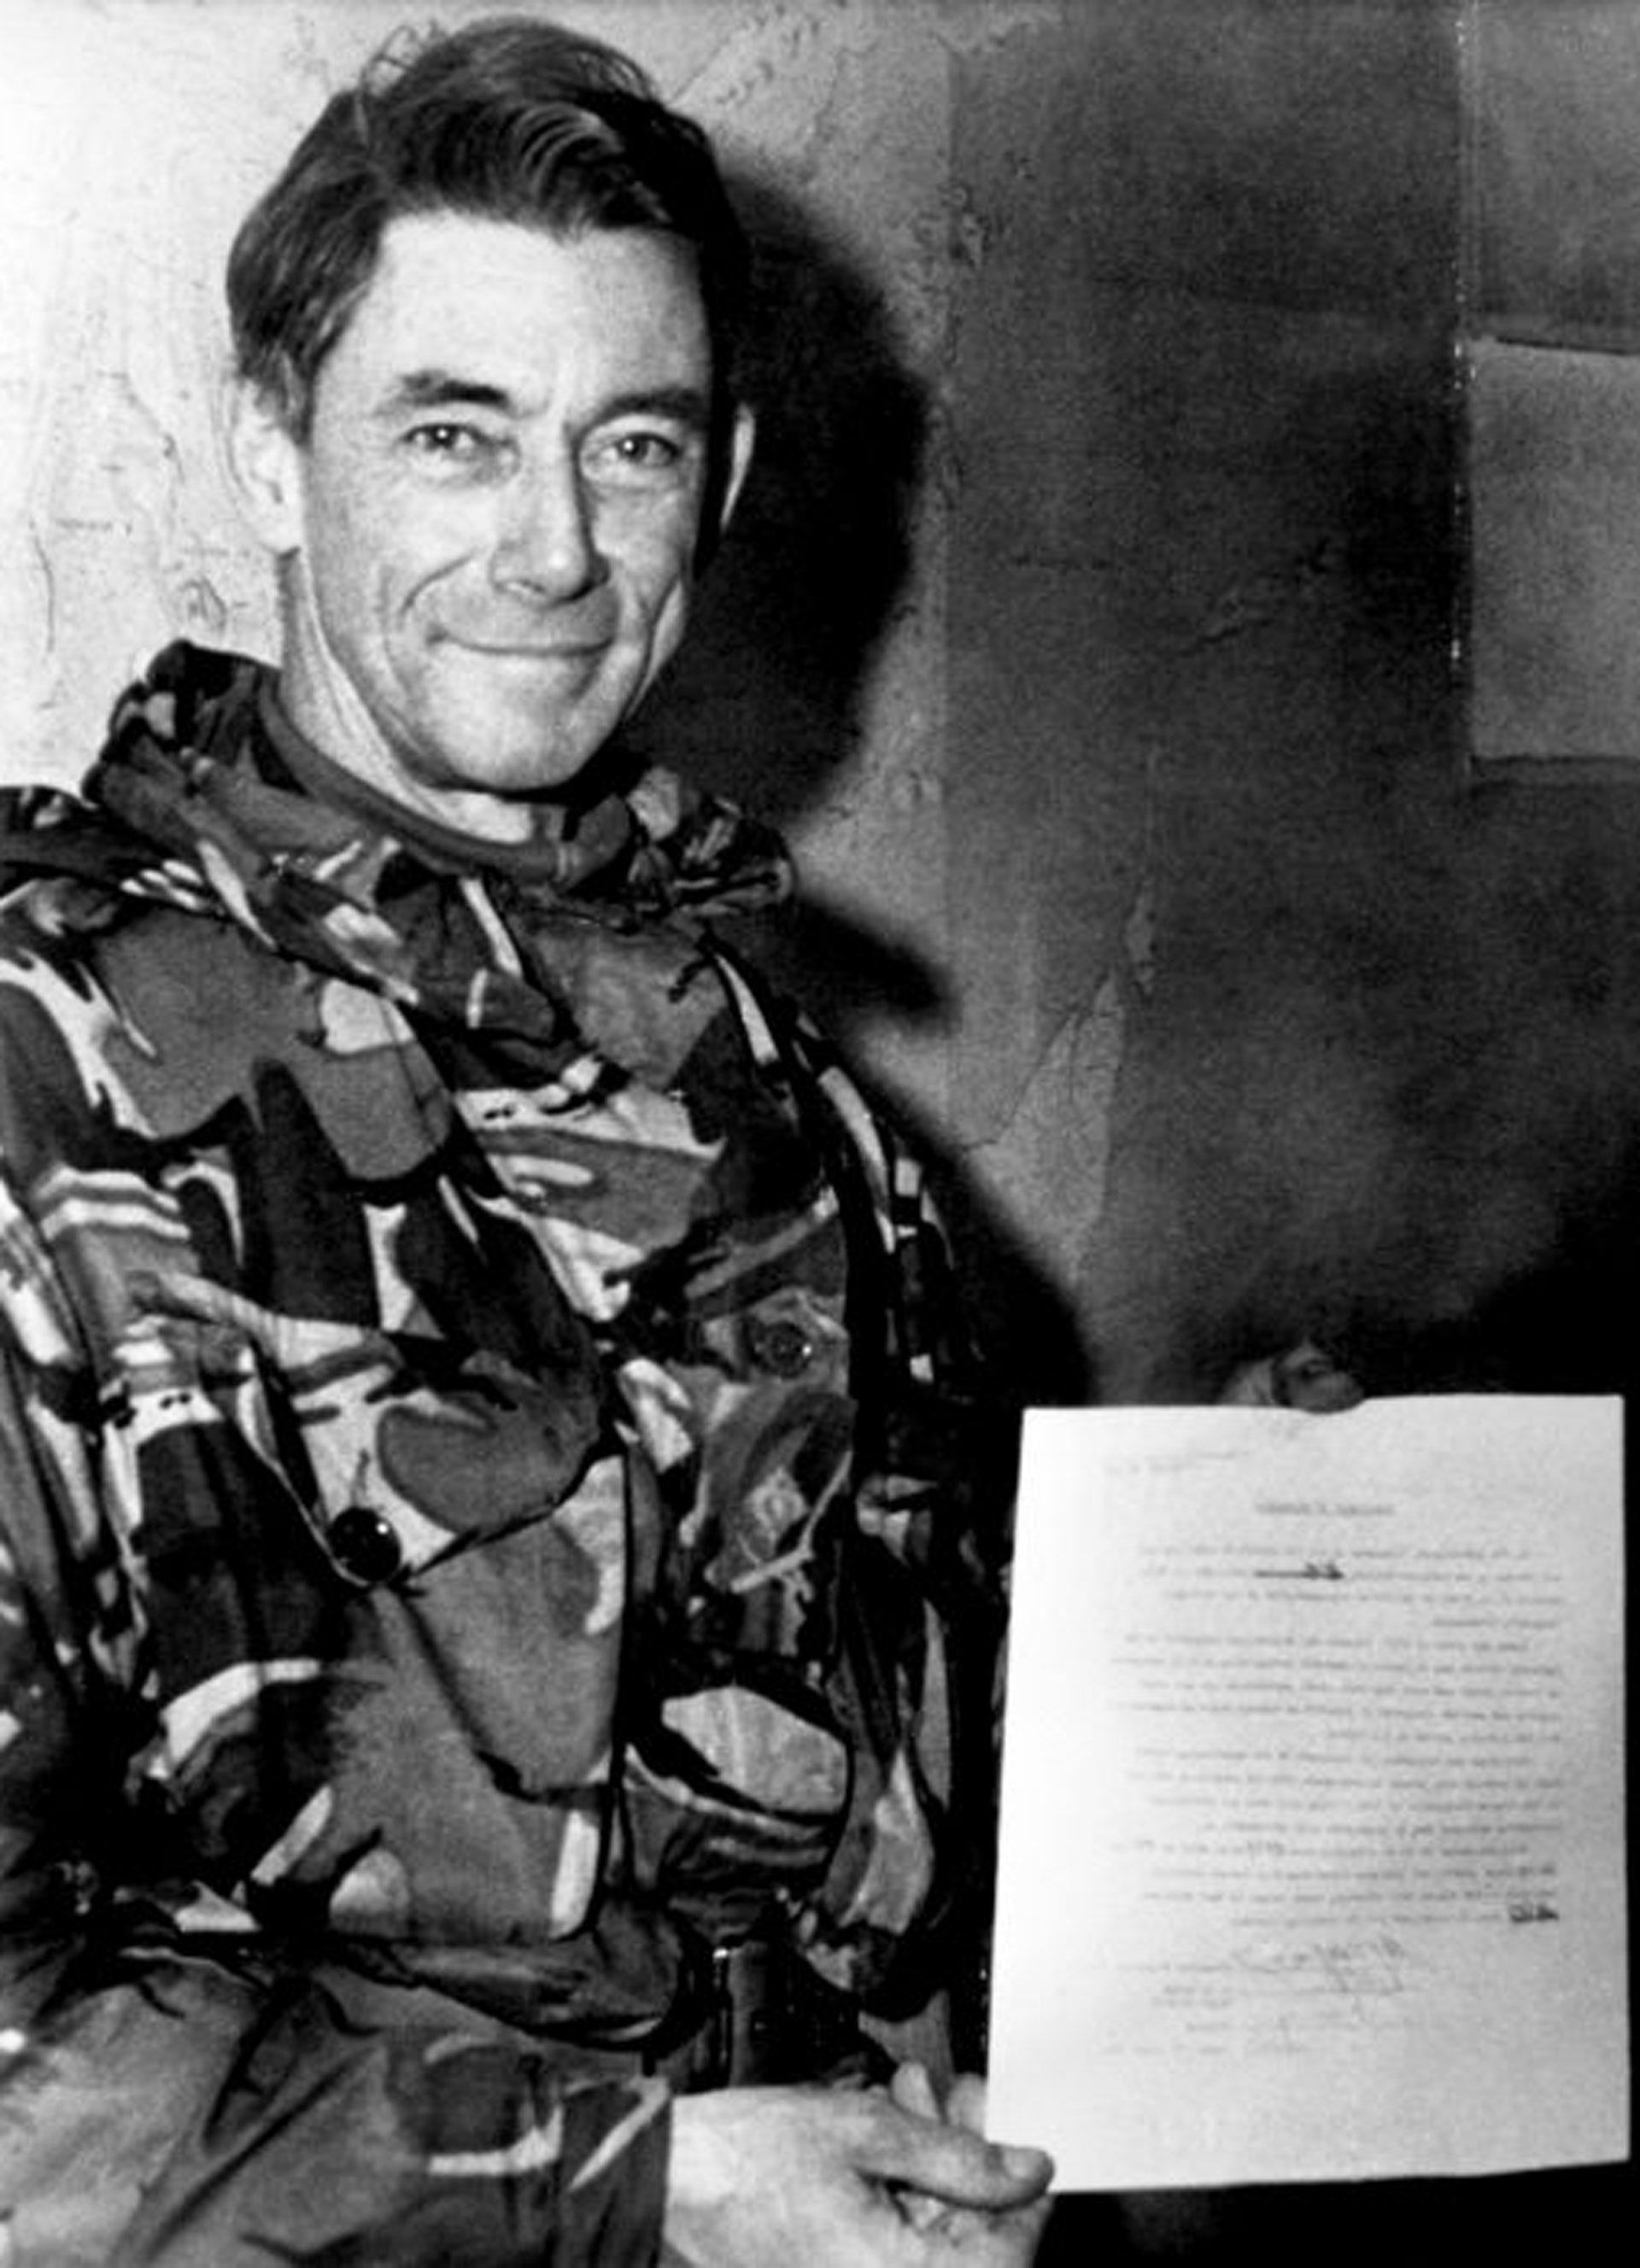 El general Jeremy Moore, comandante de las tropas terrestres británicas en las Islas Malvinas, con la rendición argentina firmada el 14 de junio de 1982 en Puerto Argentino (Puerto Stanley).